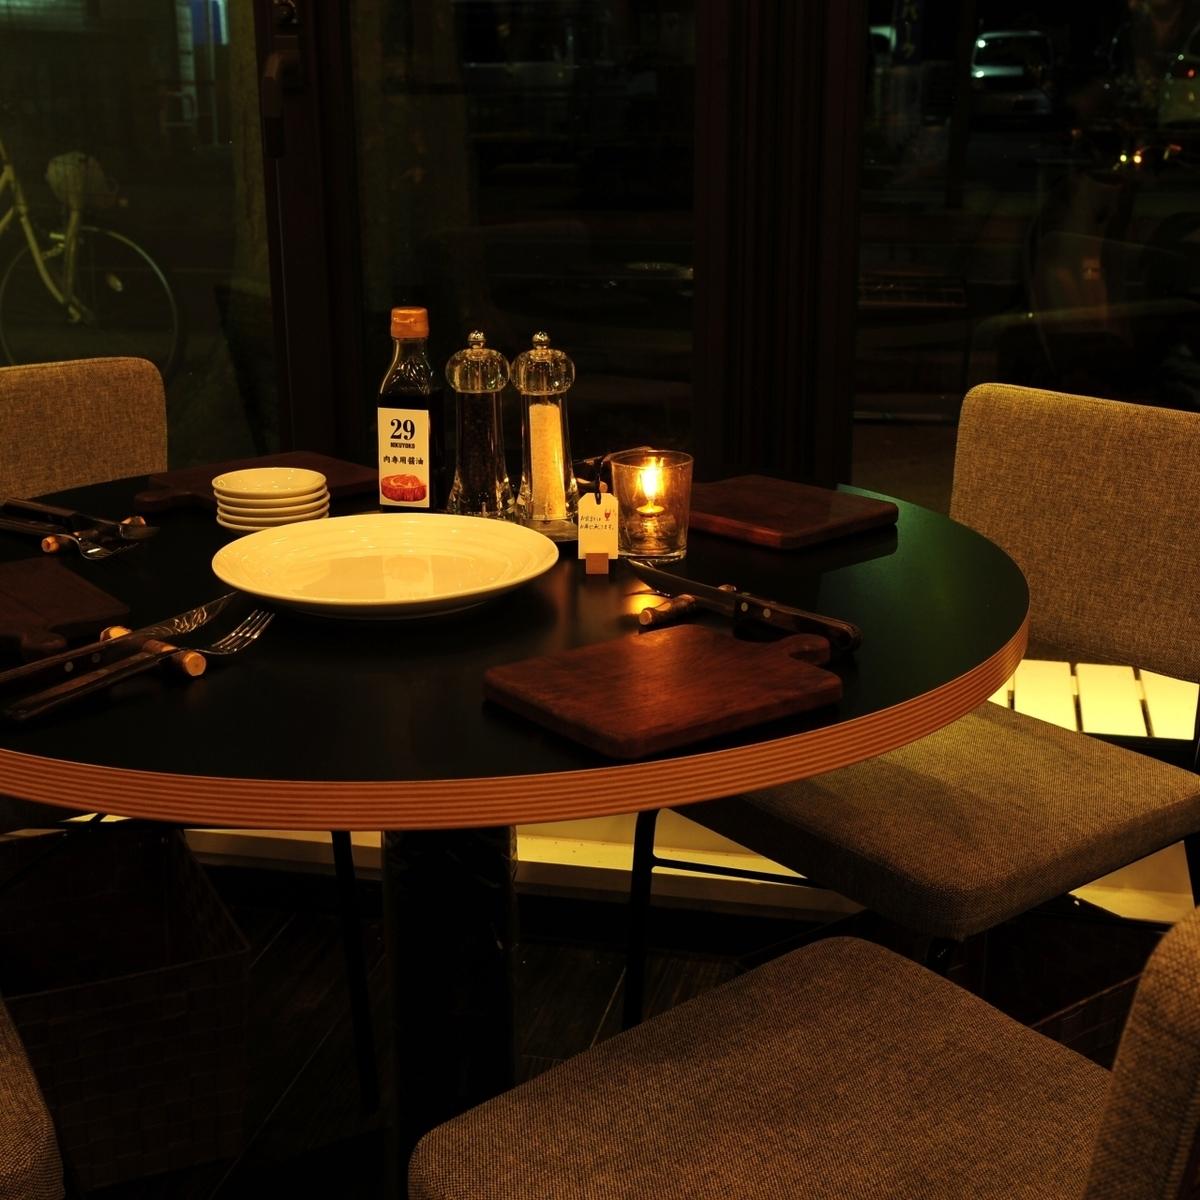 4 명 그룹의 고객에 대한 추천은 창가에있는 1 석 만 원 테이블 석! 느티 나무 거리를 바라 보면서 상쾌하게 즐길 수 있습니다!